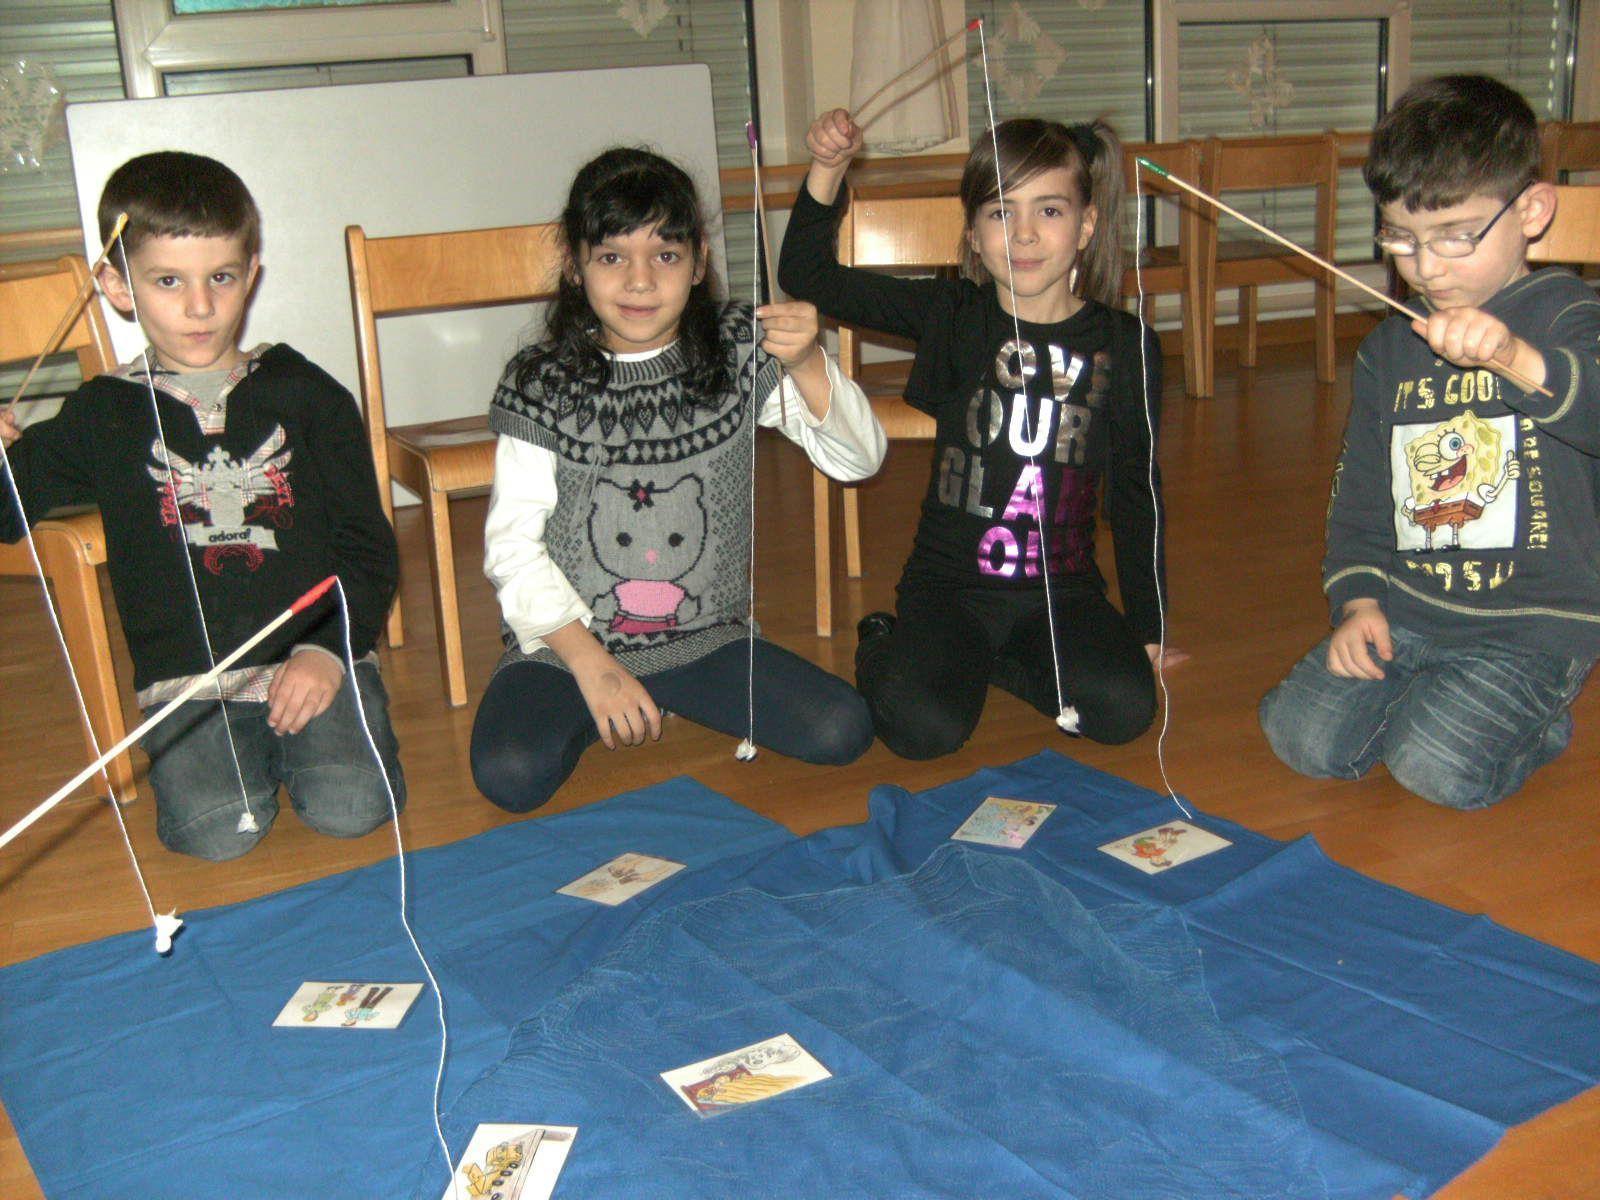 Spielerisch werden die Sprachkenntnisse der Kinder gefördert.